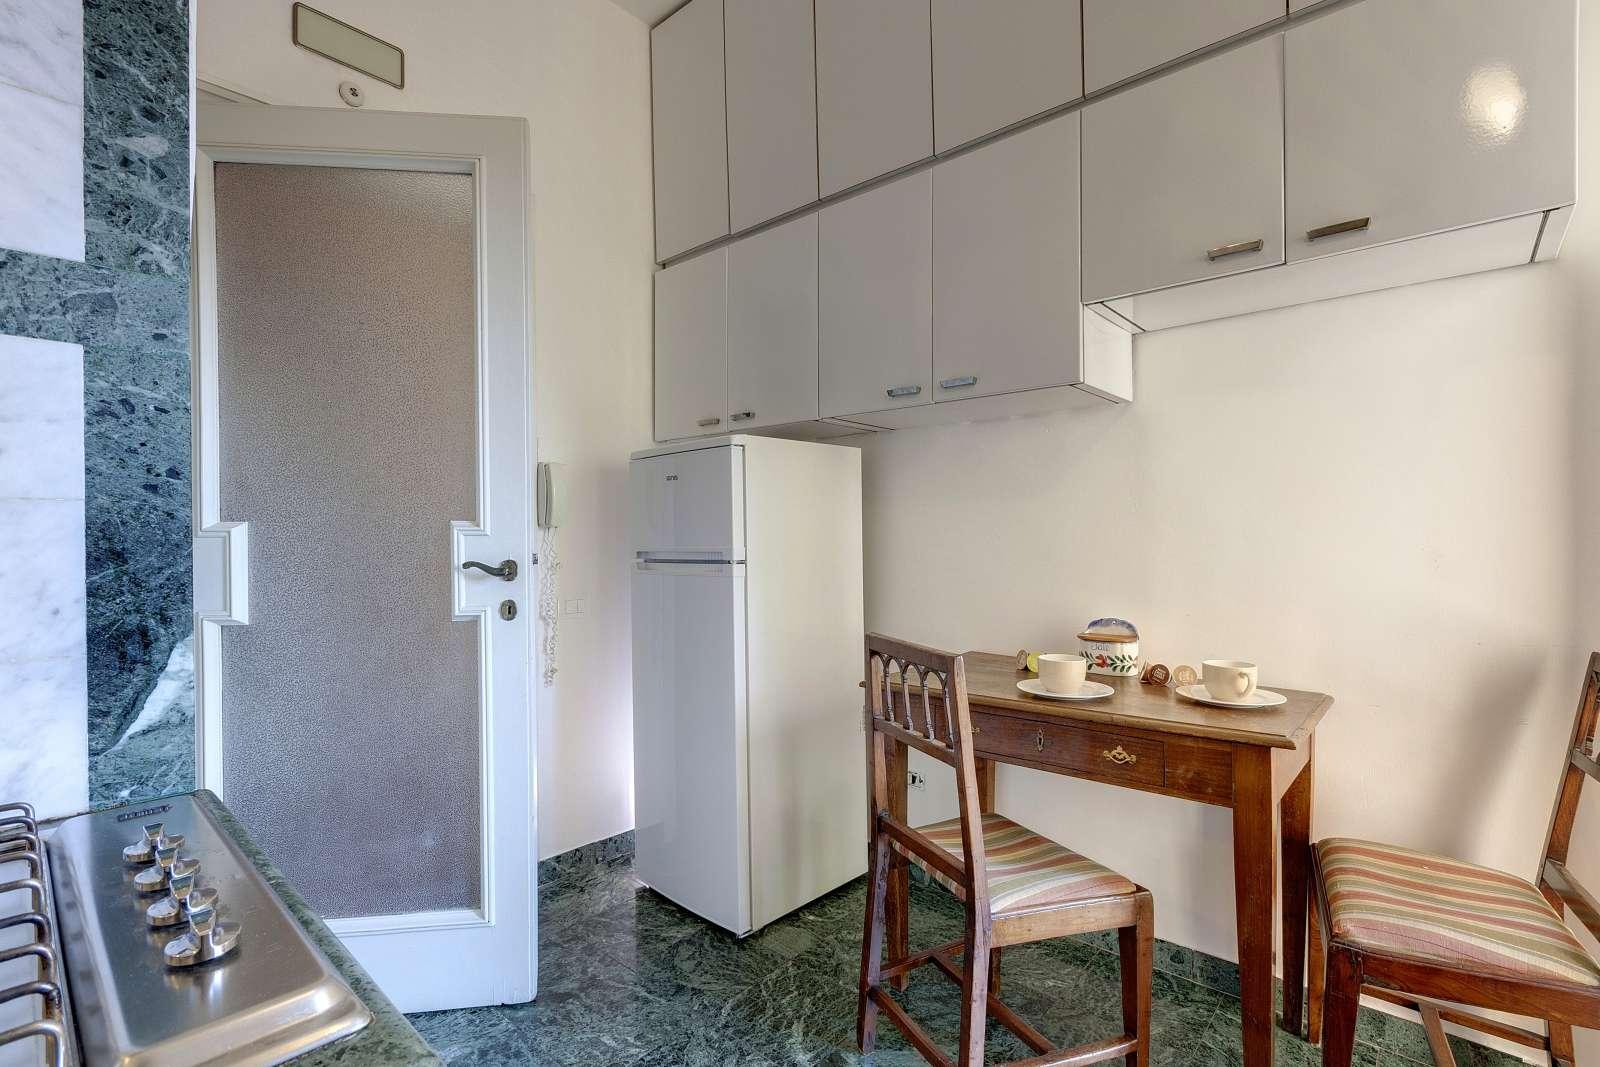 Appartamento con 3 camere da letto in affitto a campo di for Appartamento con 3 camere da letto